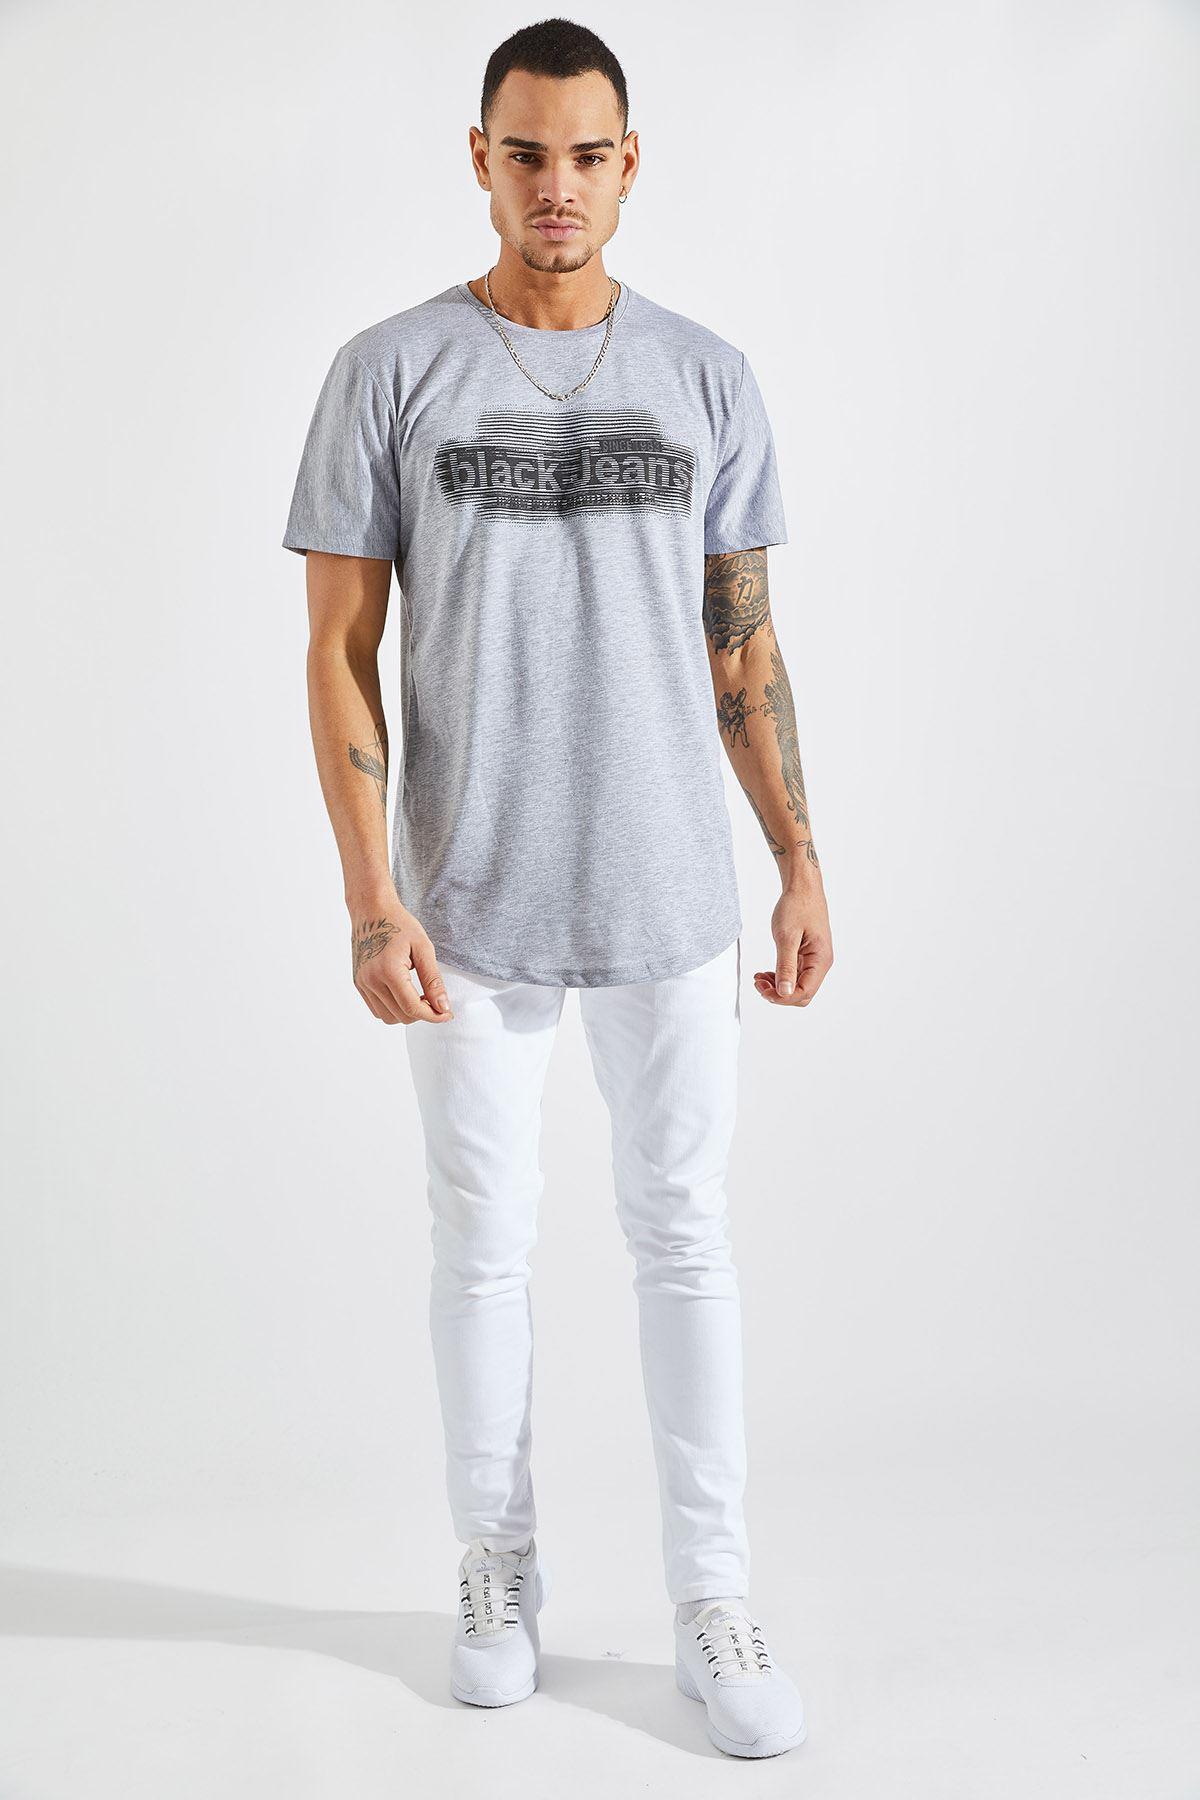 Erkek O Yaka Black Jeans Baskı Gri Tişört